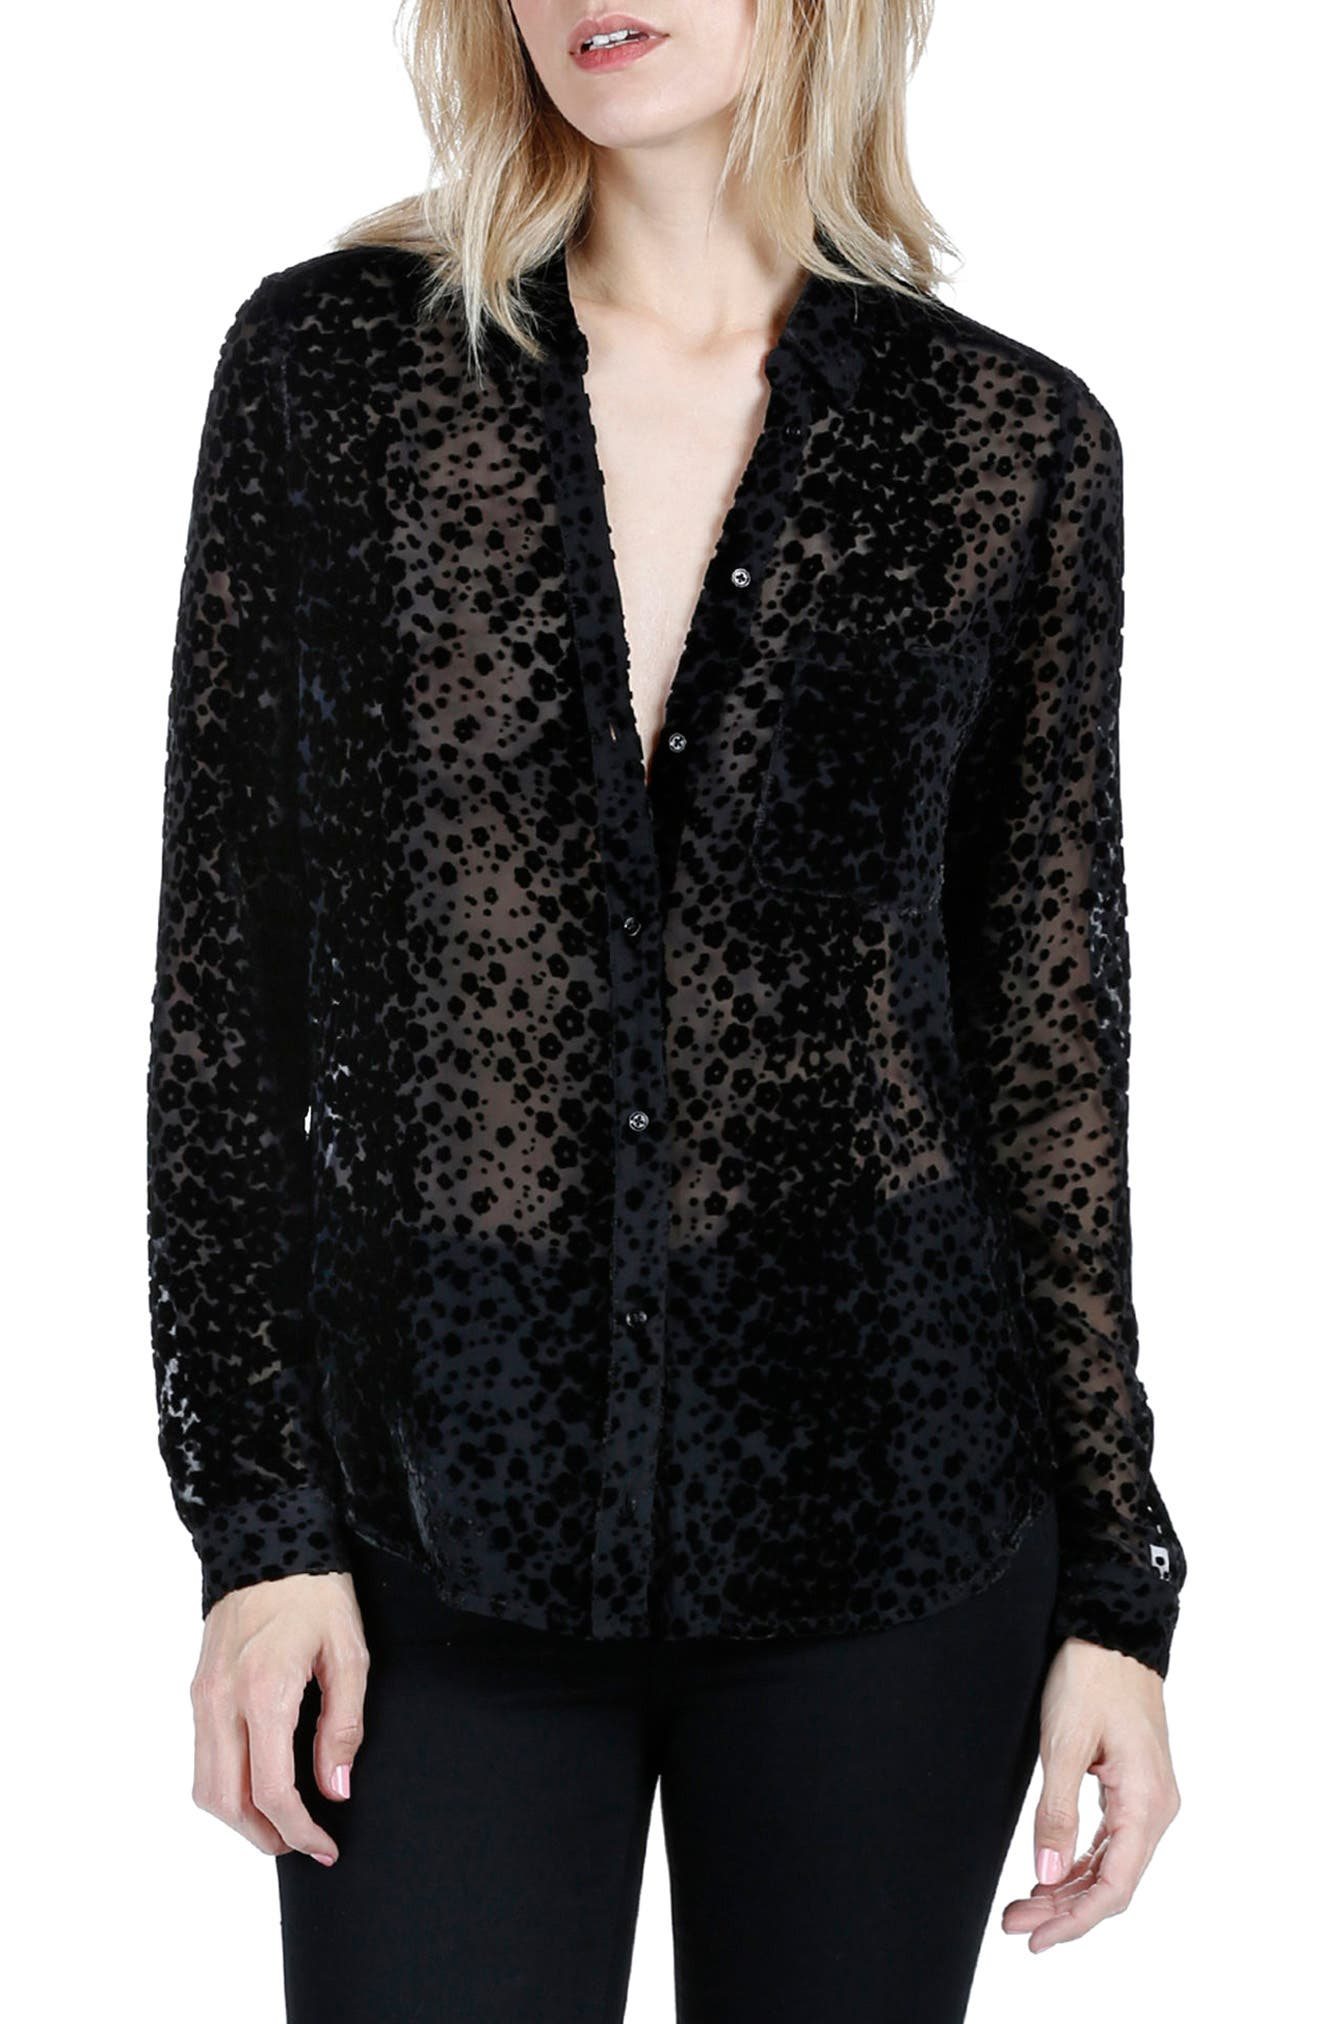 Linara Silk Shirt,                             Main thumbnail 1, color,                             Black